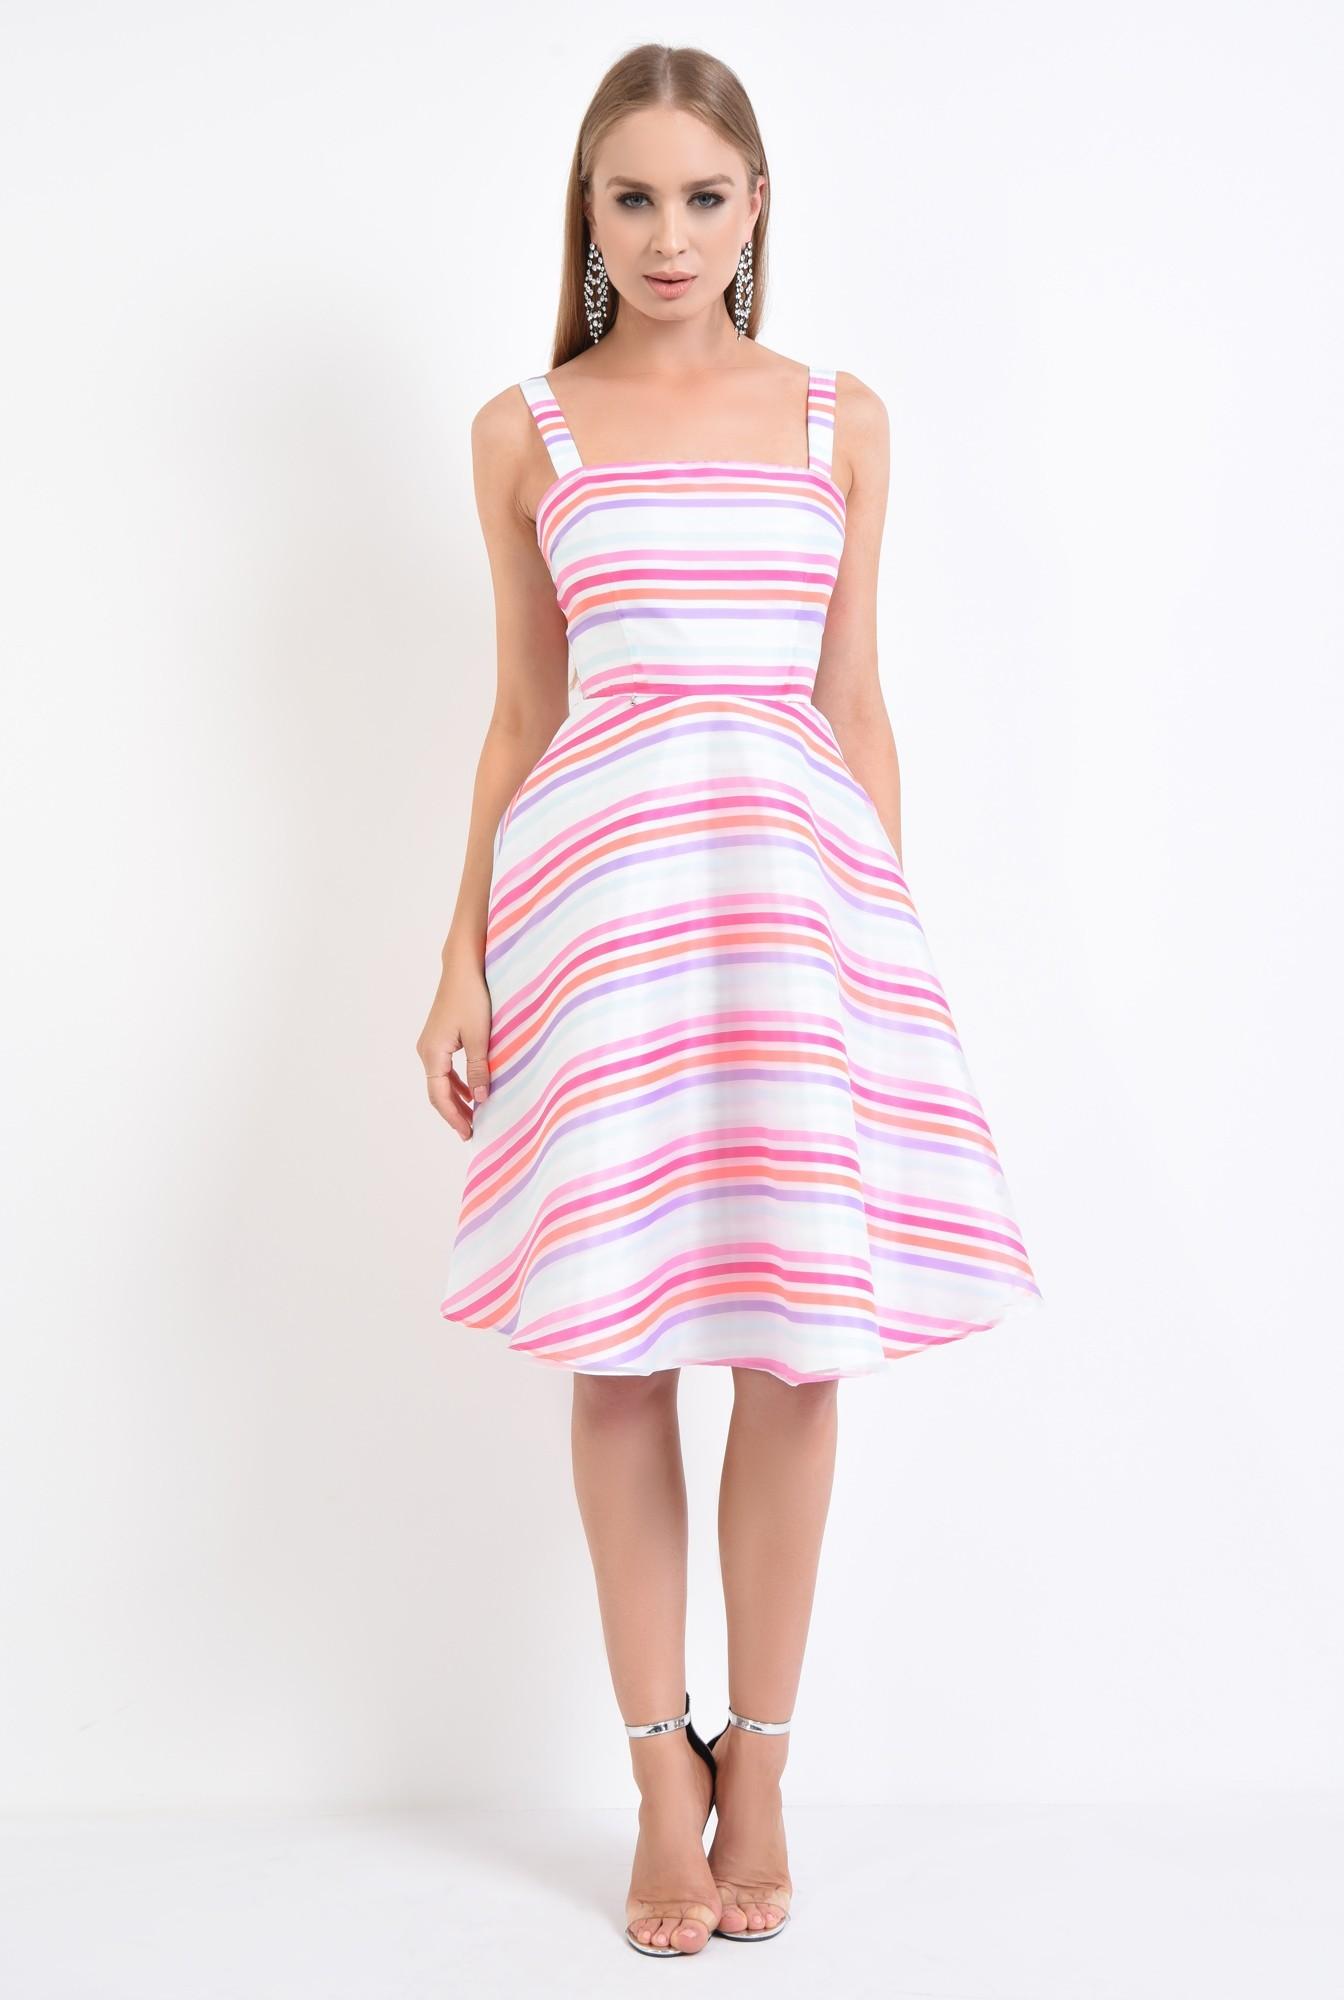 3 - rochie eleganta, tesatura satinata, imprimeu dungi, rochii de dama online